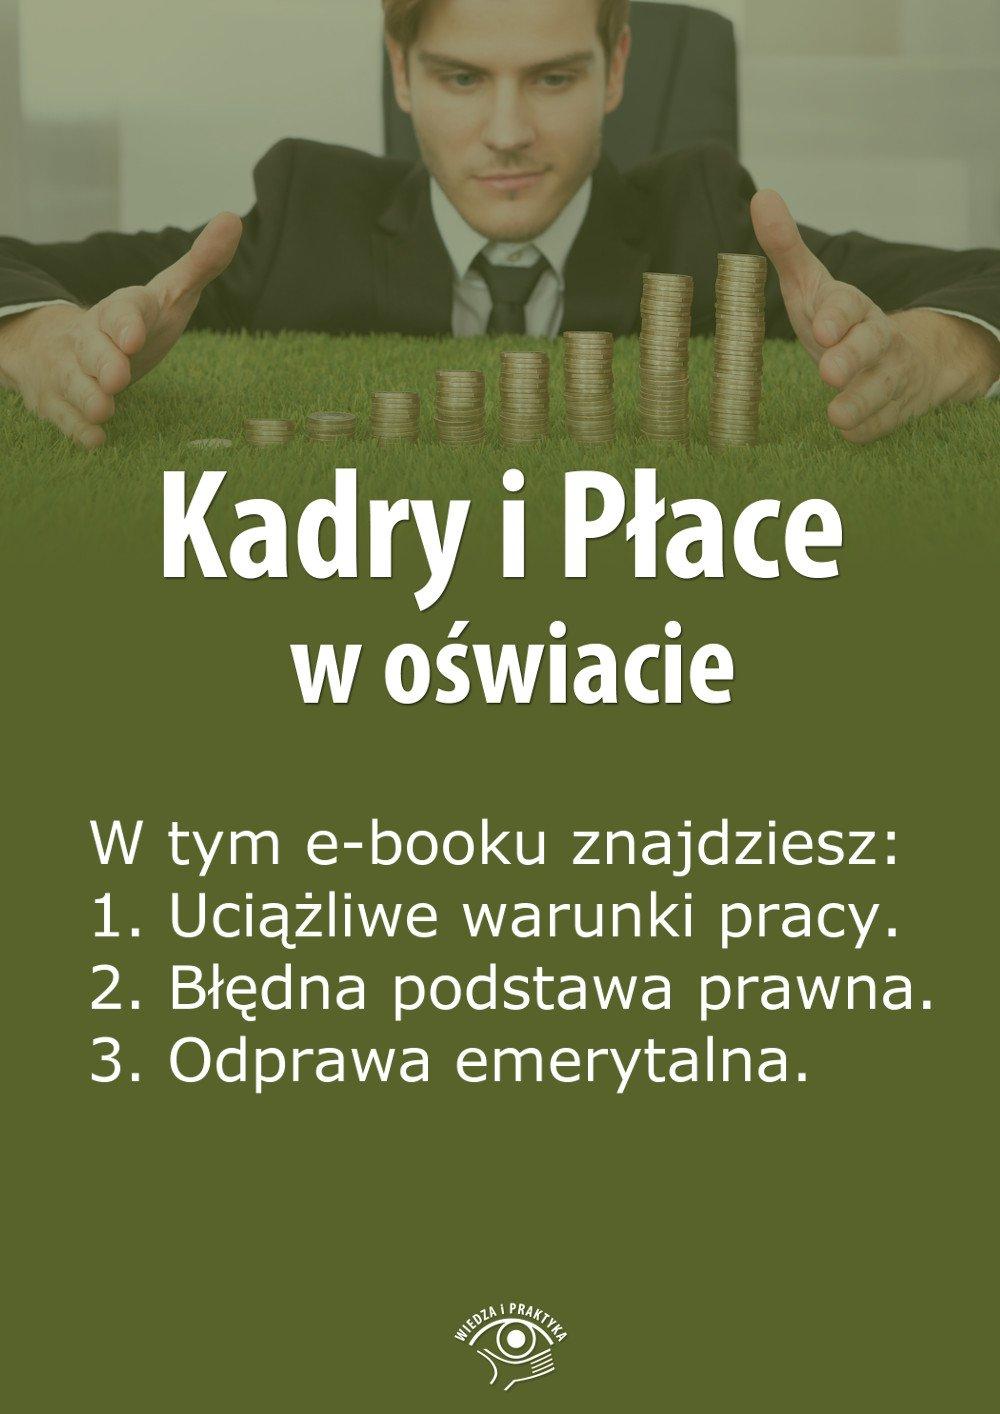 Kadry i Płace w oświacie. Wydanie czerwiec 2014 r. - Ebook (Książka EPUB) do pobrania w formacie EPUB